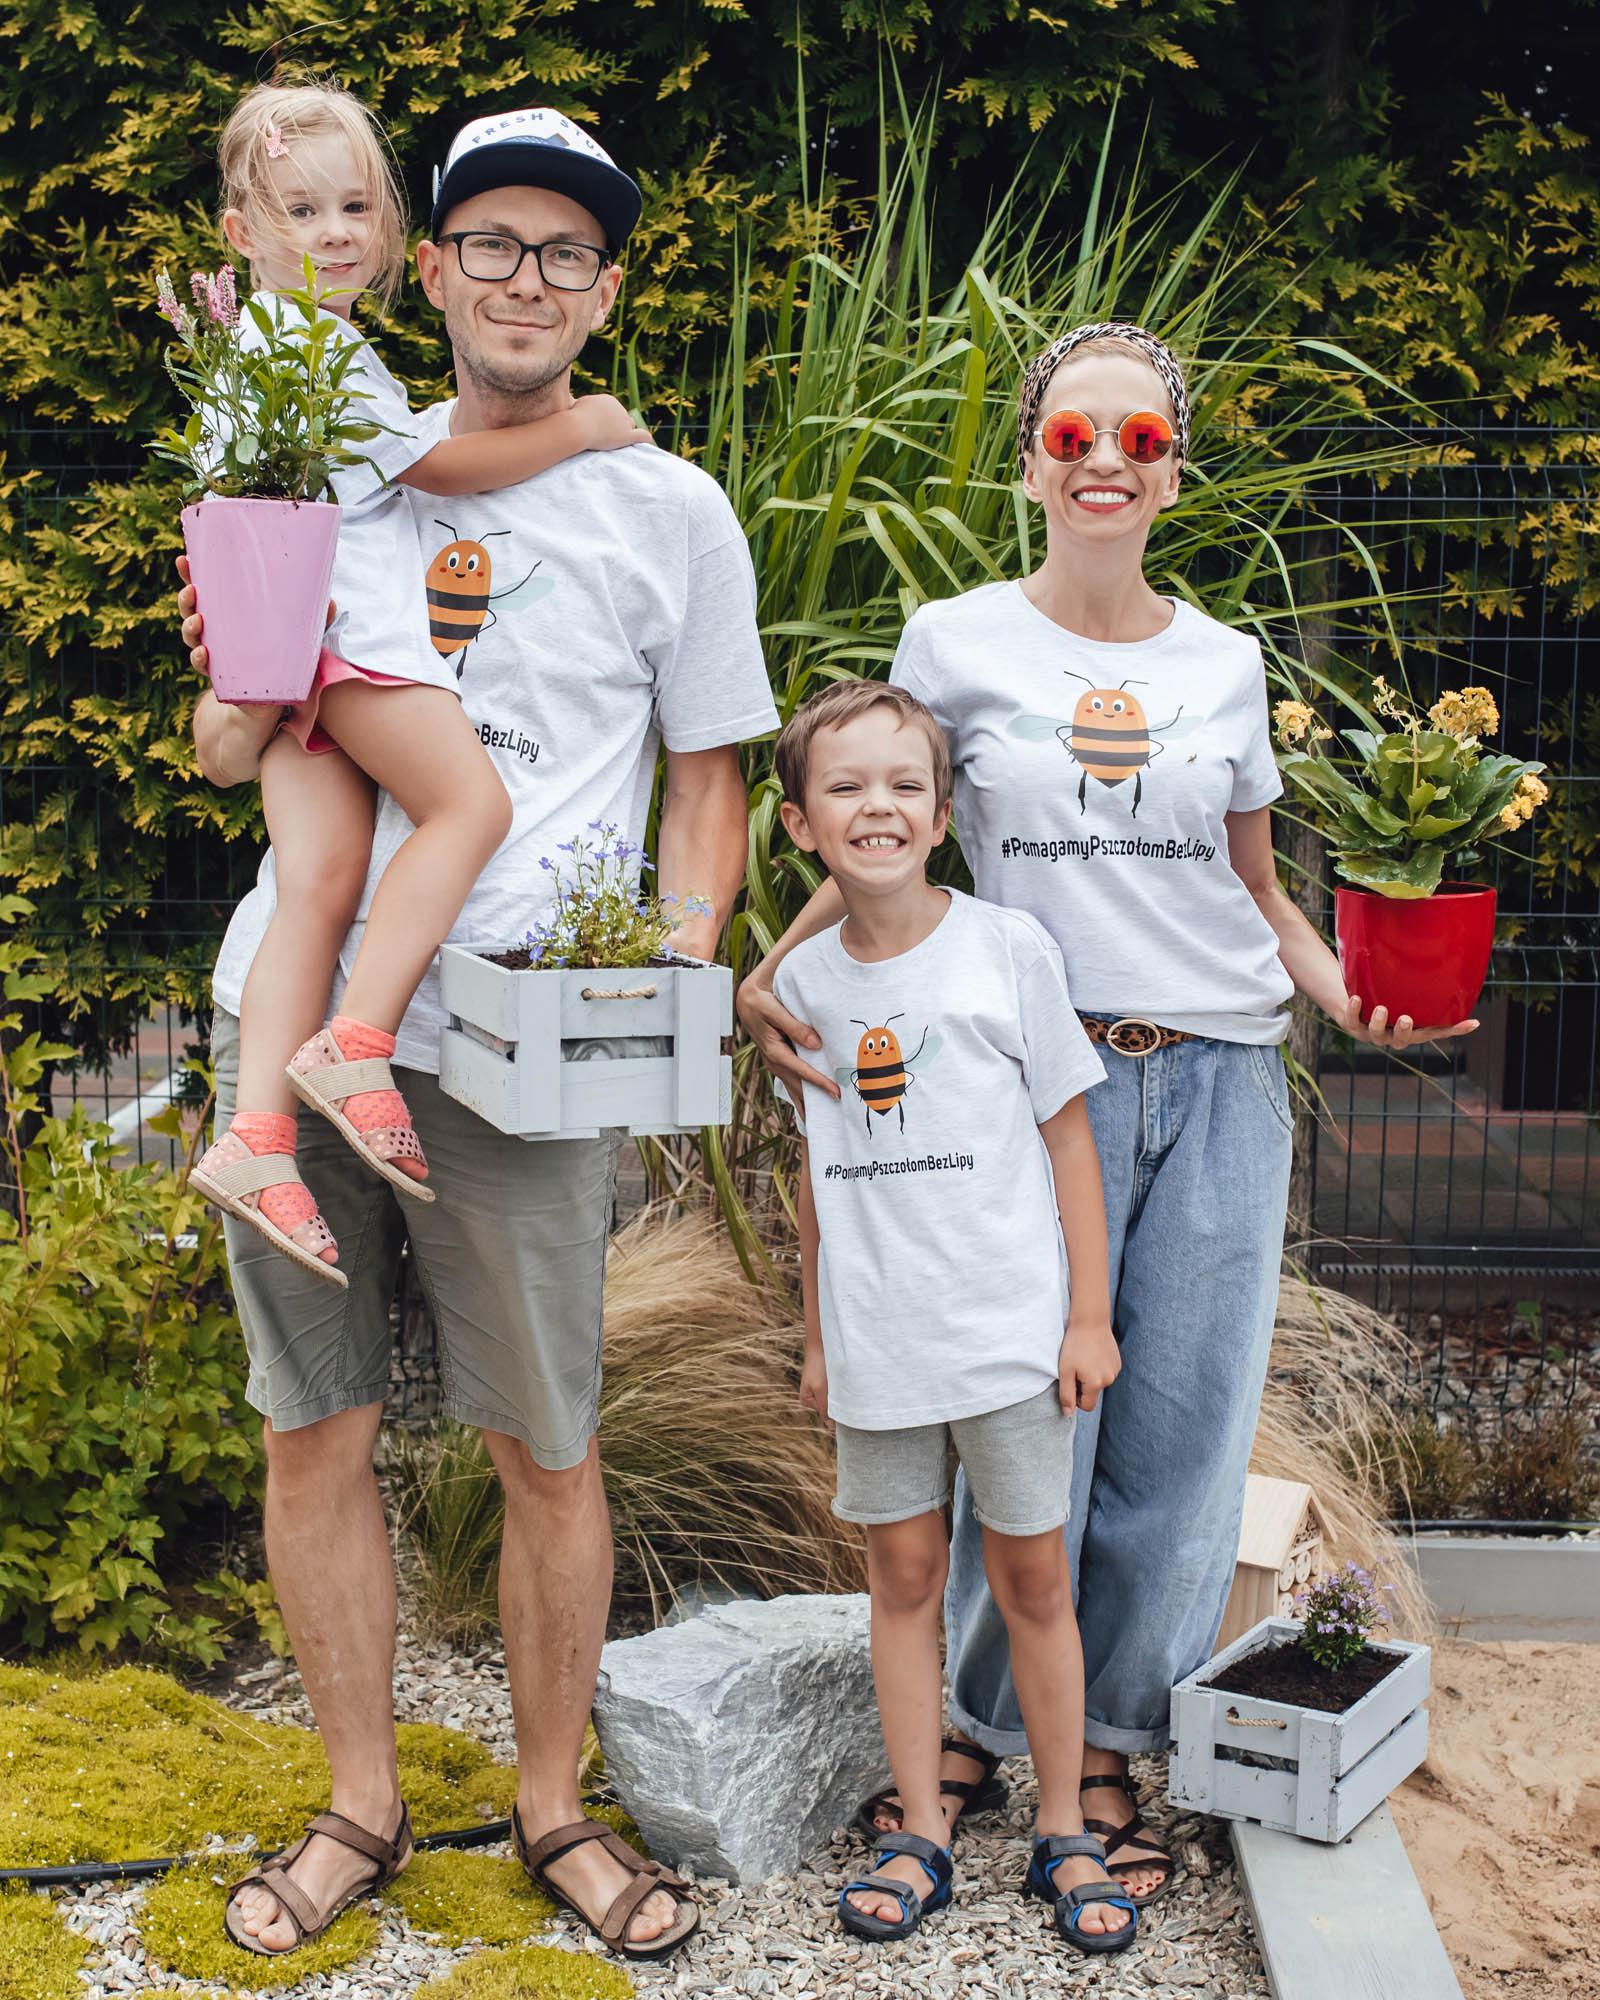 jak zachęcać dzieci do dbania o planetę